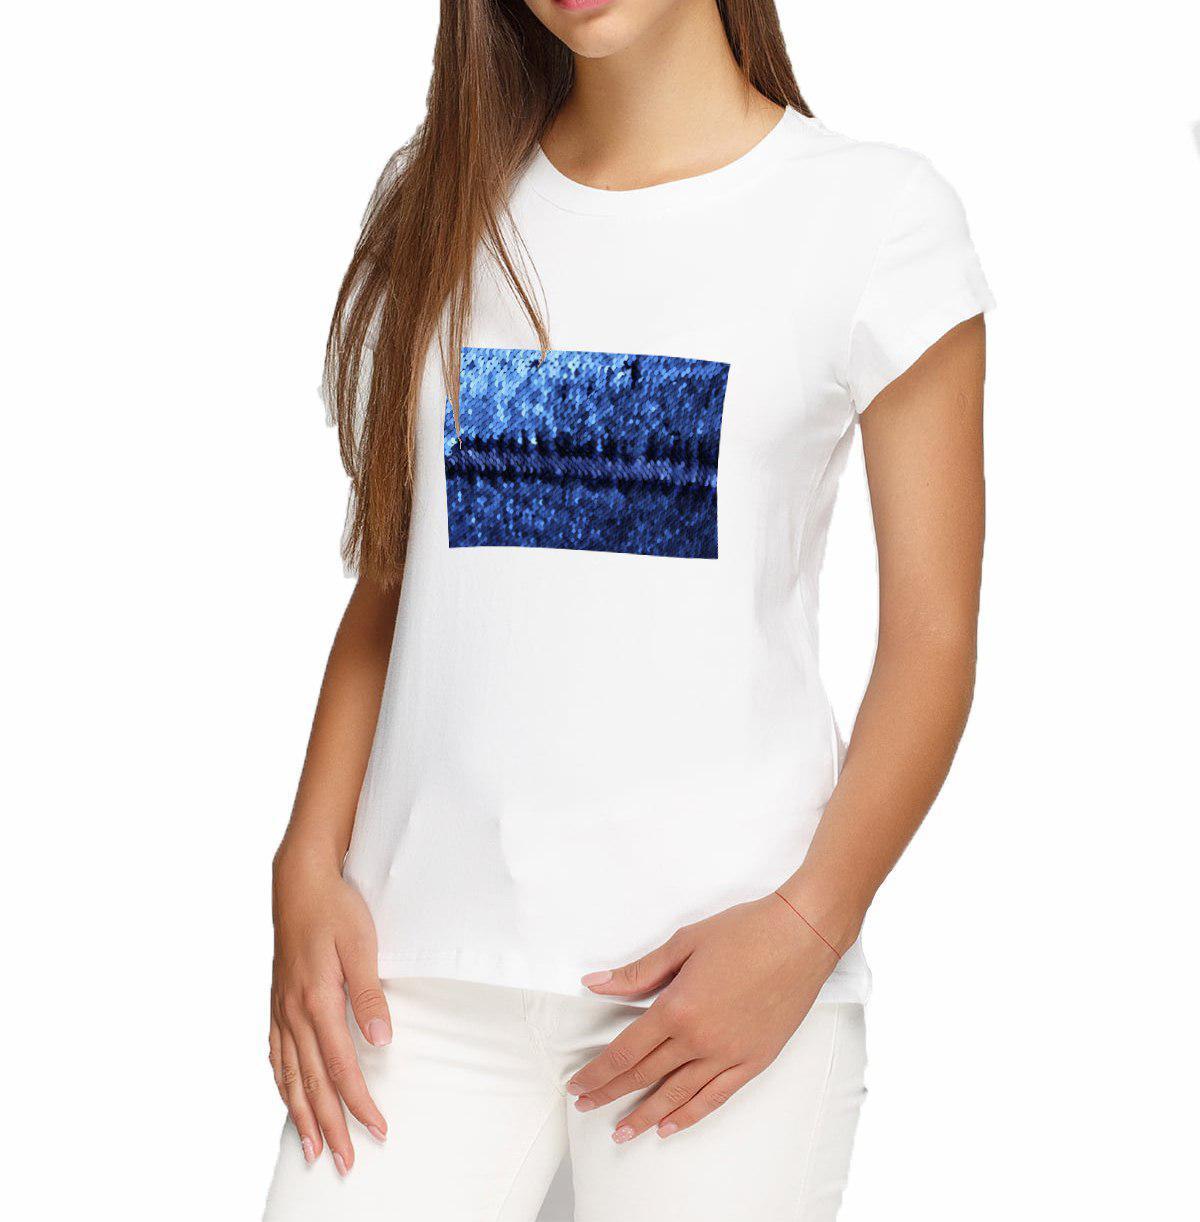 Жіноча футболка XS з паєтками кол. СИНІЙ для сублімації